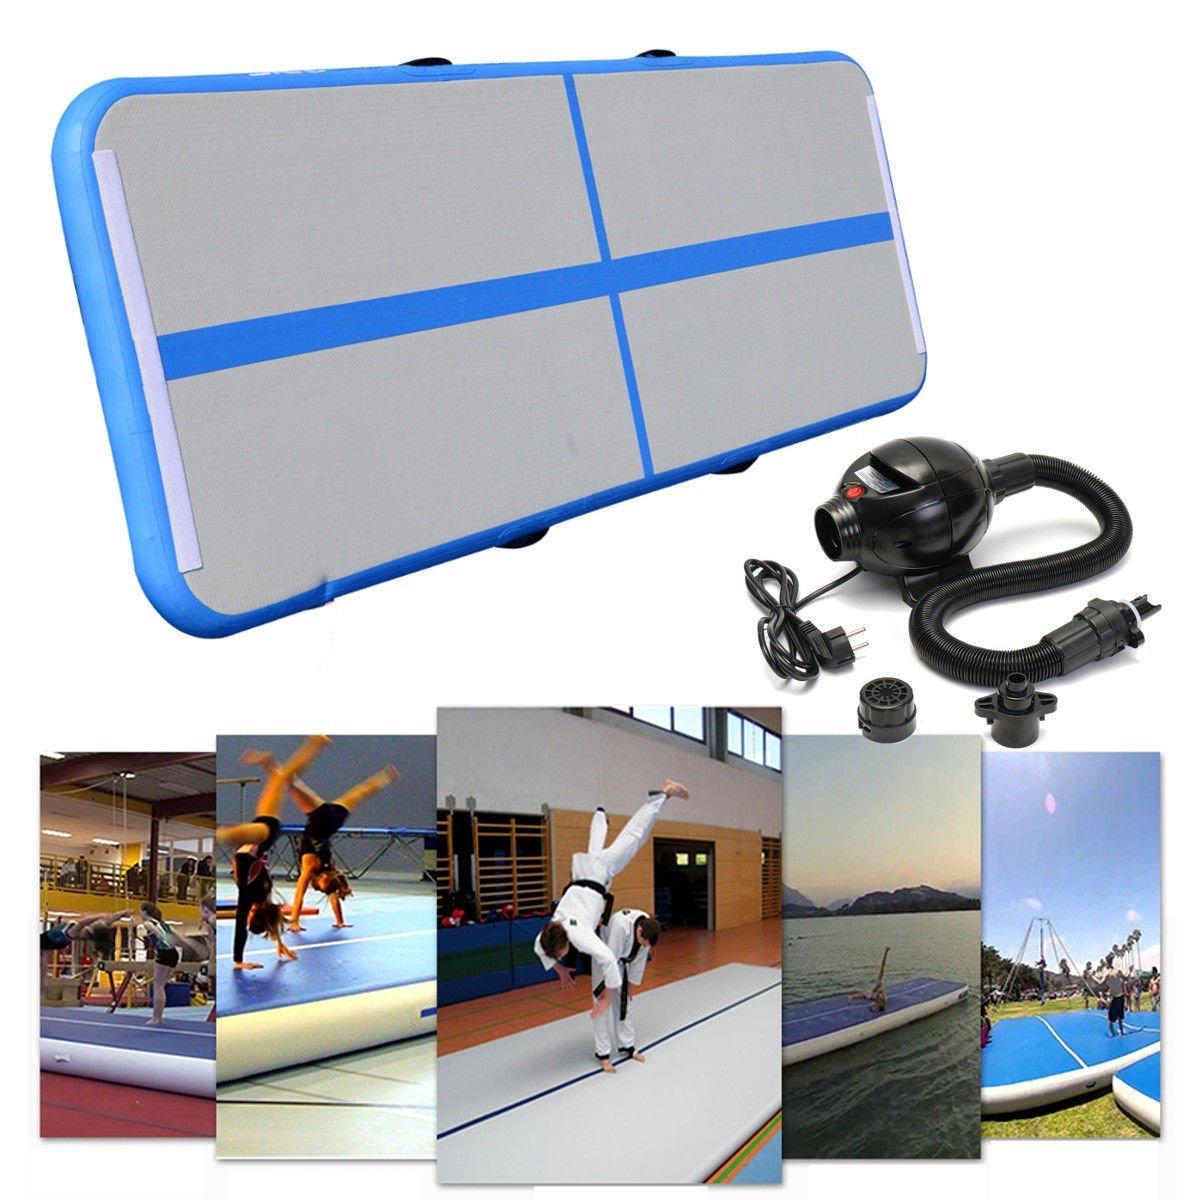 Gonflable Gymnastique AirTrack Tumbling Air Piste Parole 5 m Trampoline compresseur électrique pour un Usage Domestique/Formation/Cheerleading/Plage - 5